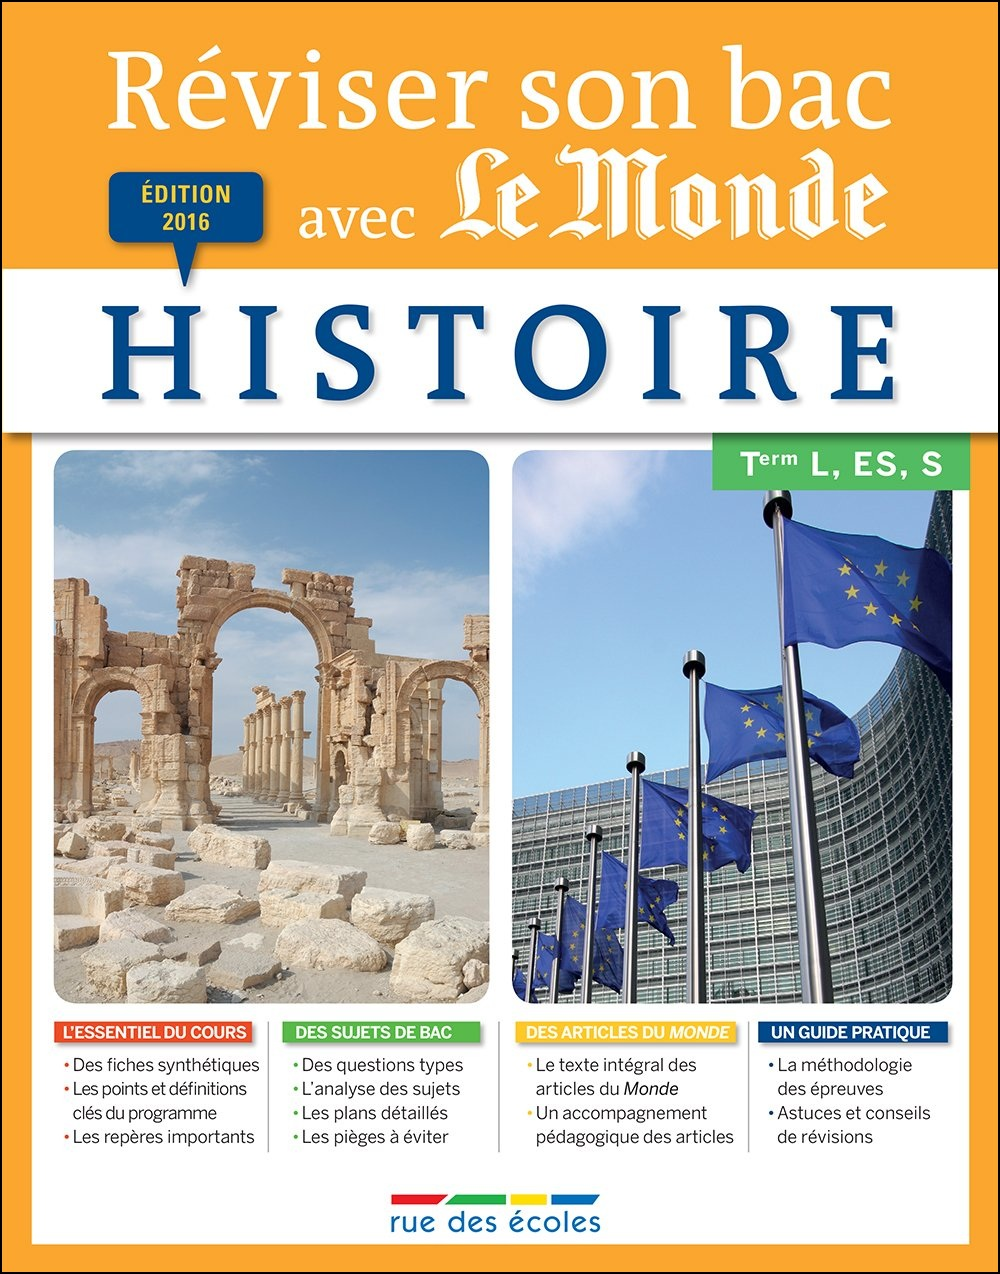 Réviser son bac avec Le Monde (2016) : Histoire